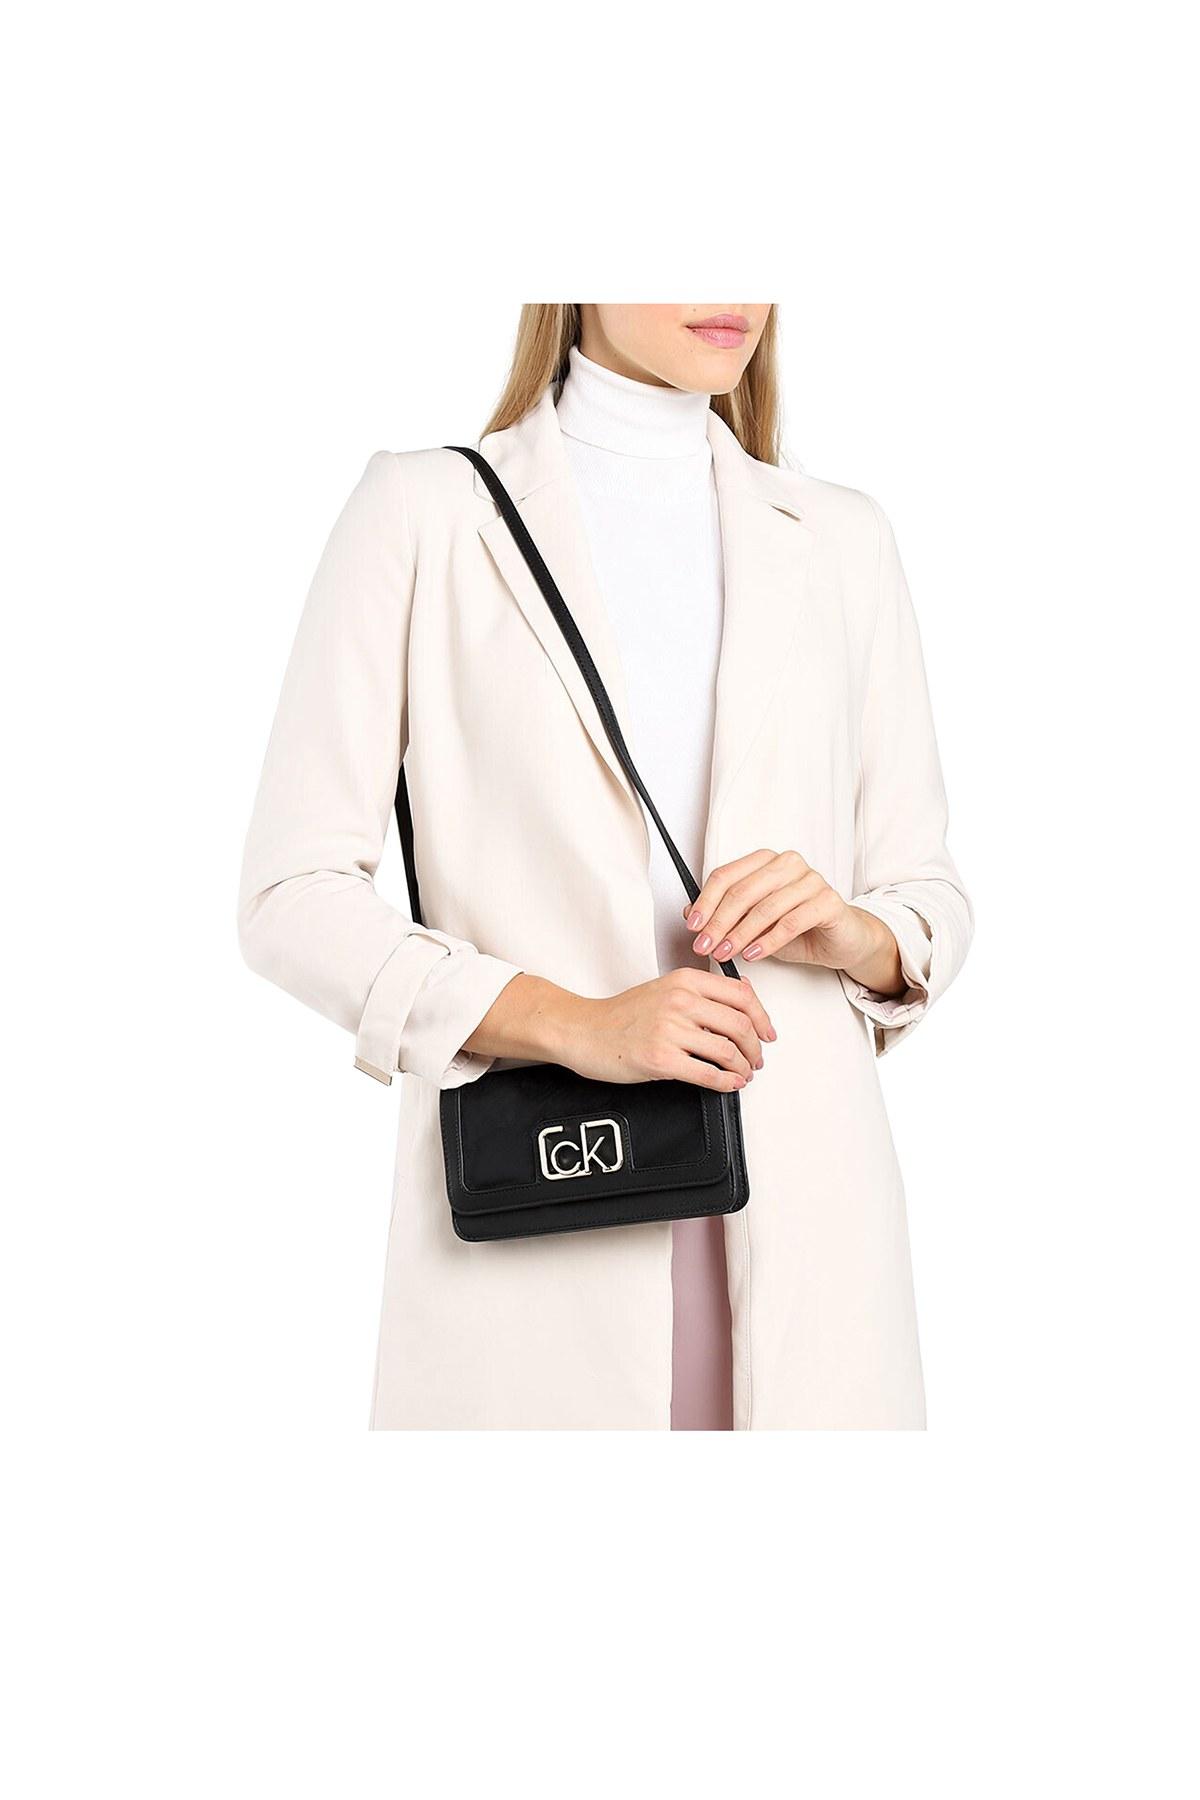 Calvin Klein Logo Baskılı Kadın Çanta K60K607118 BAX SİYAH